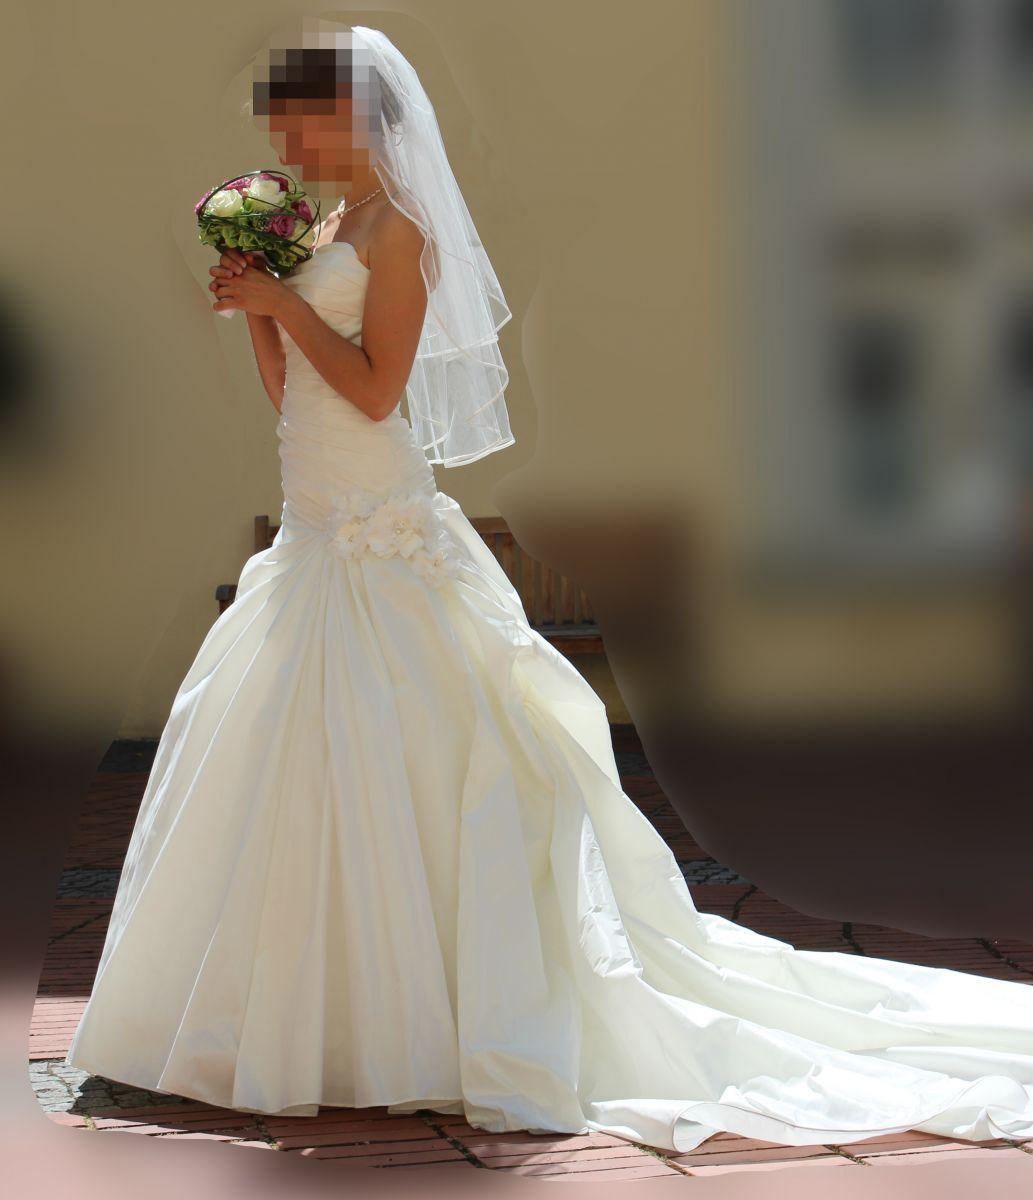 ♥ Wunderschönes Brautkleid in der Größe 34/36 zu verkaufen ...